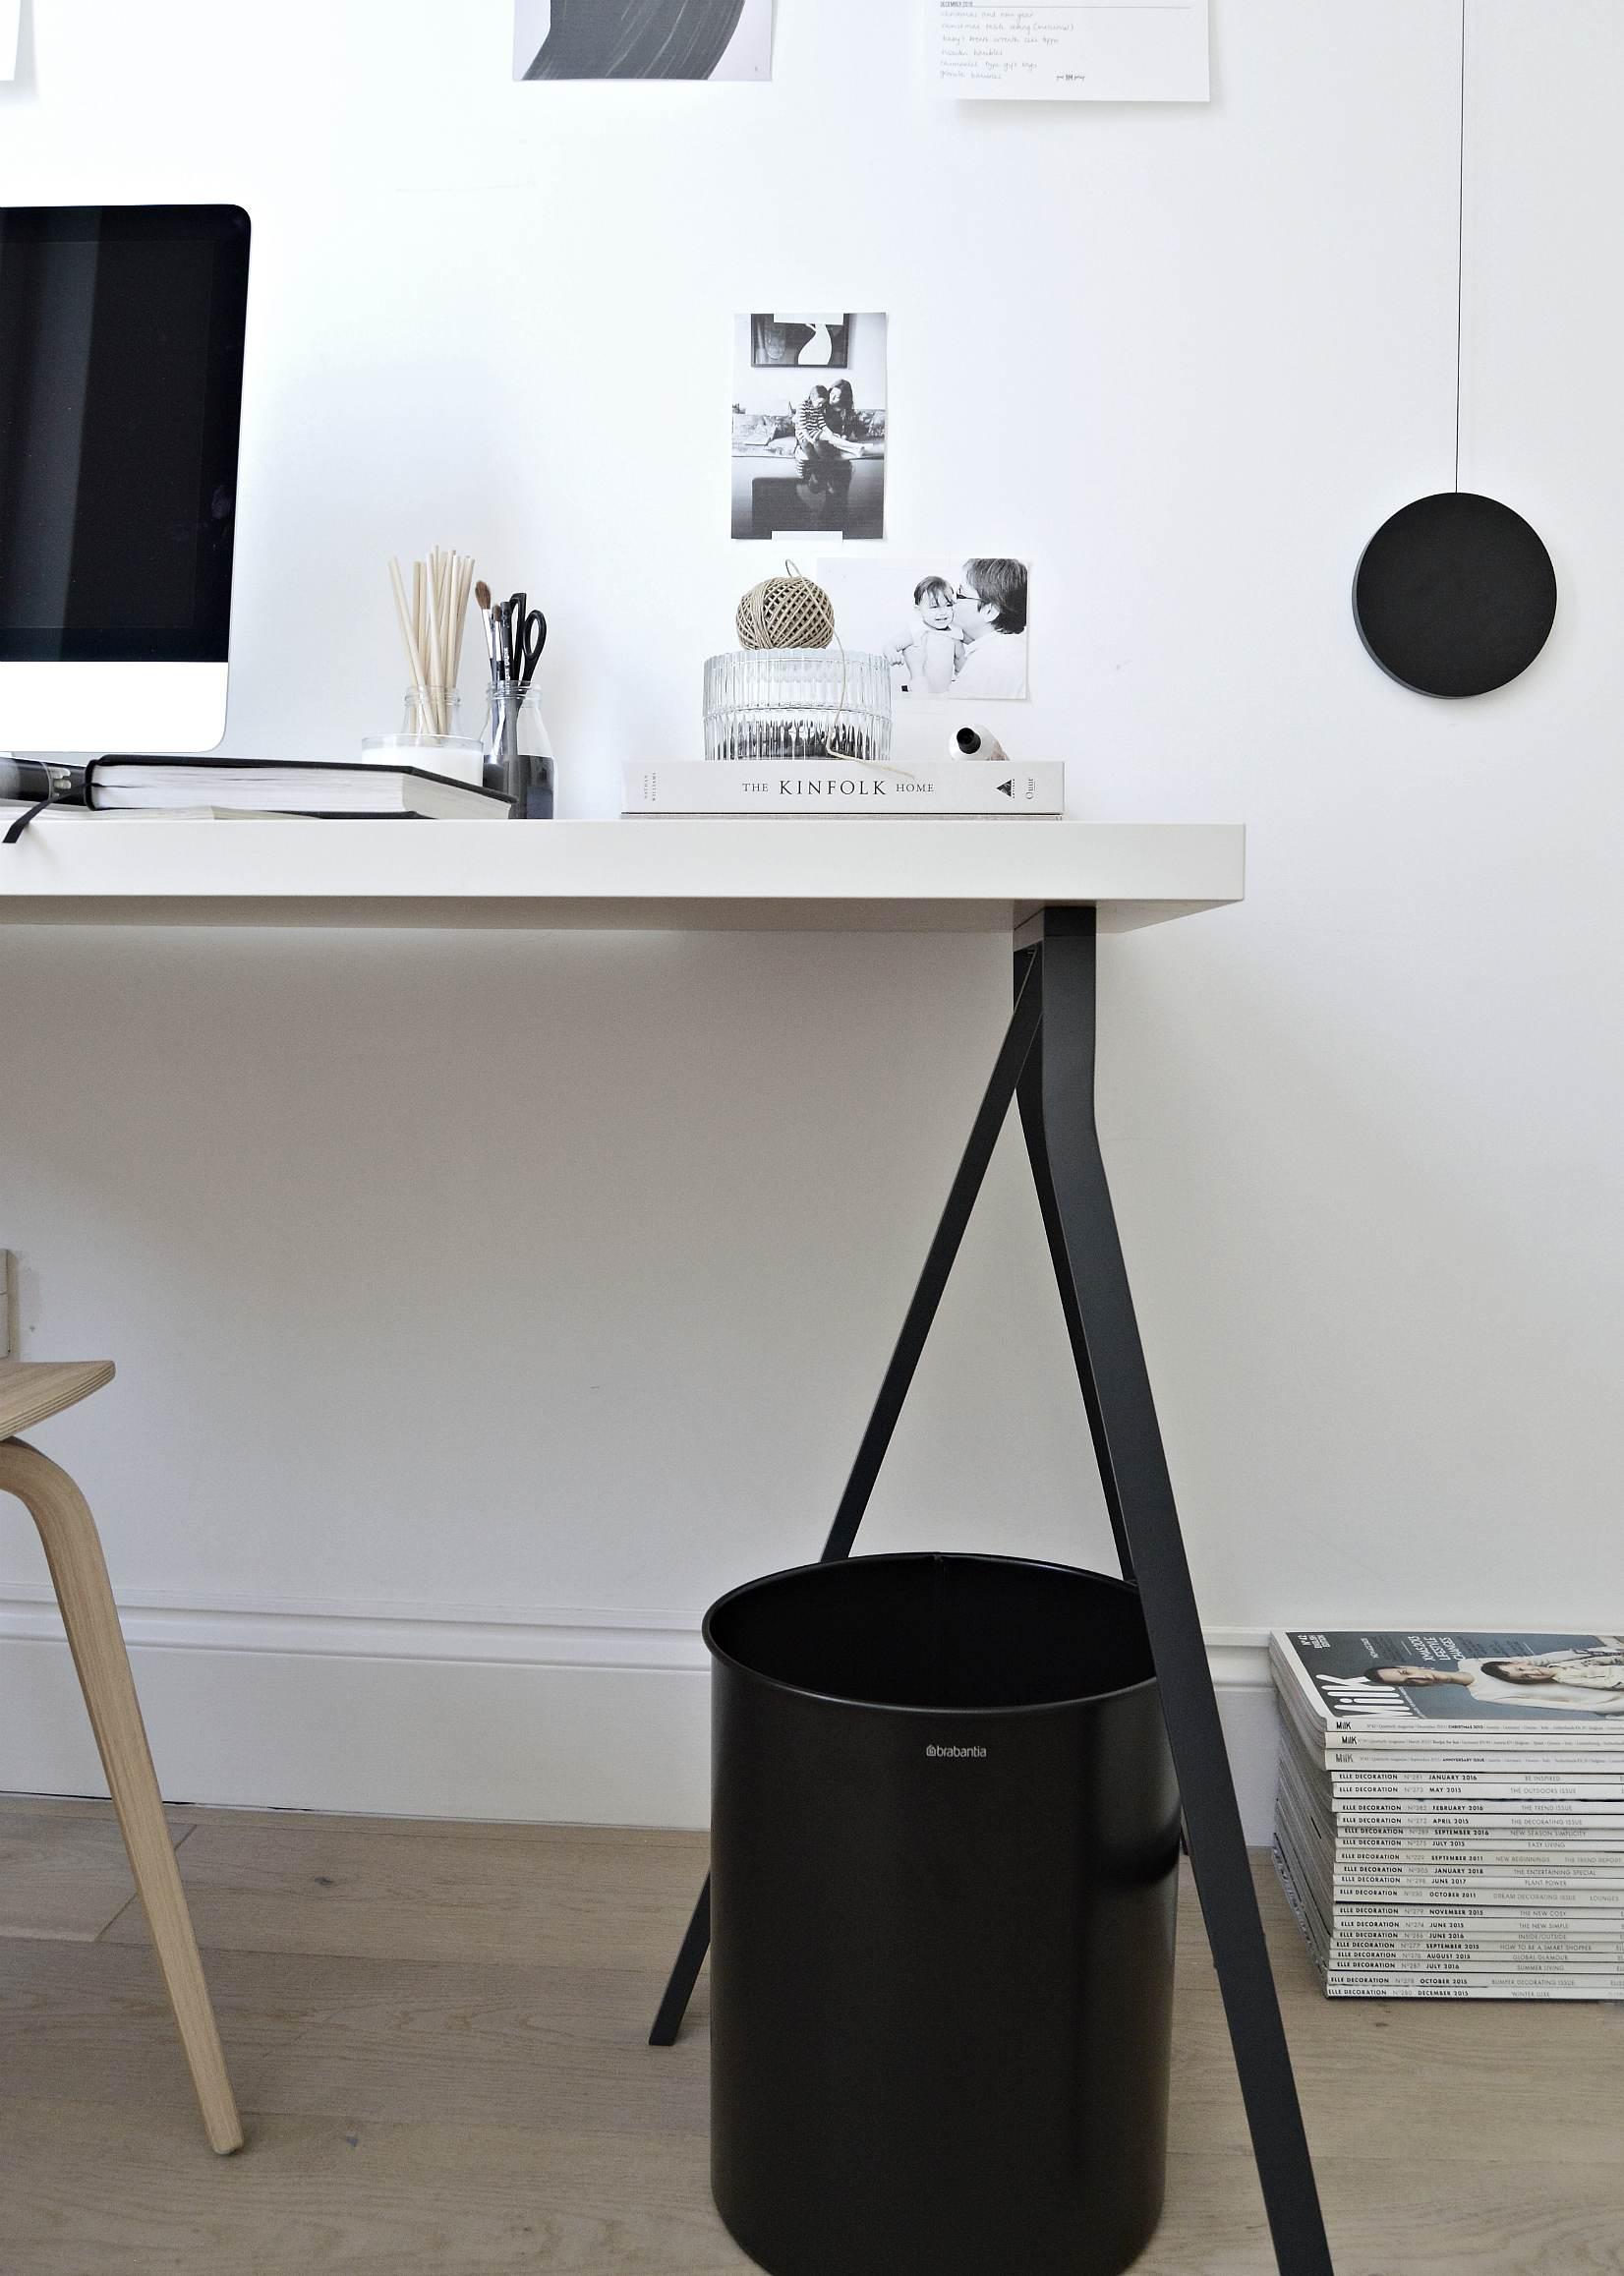 under desk waste paper bin